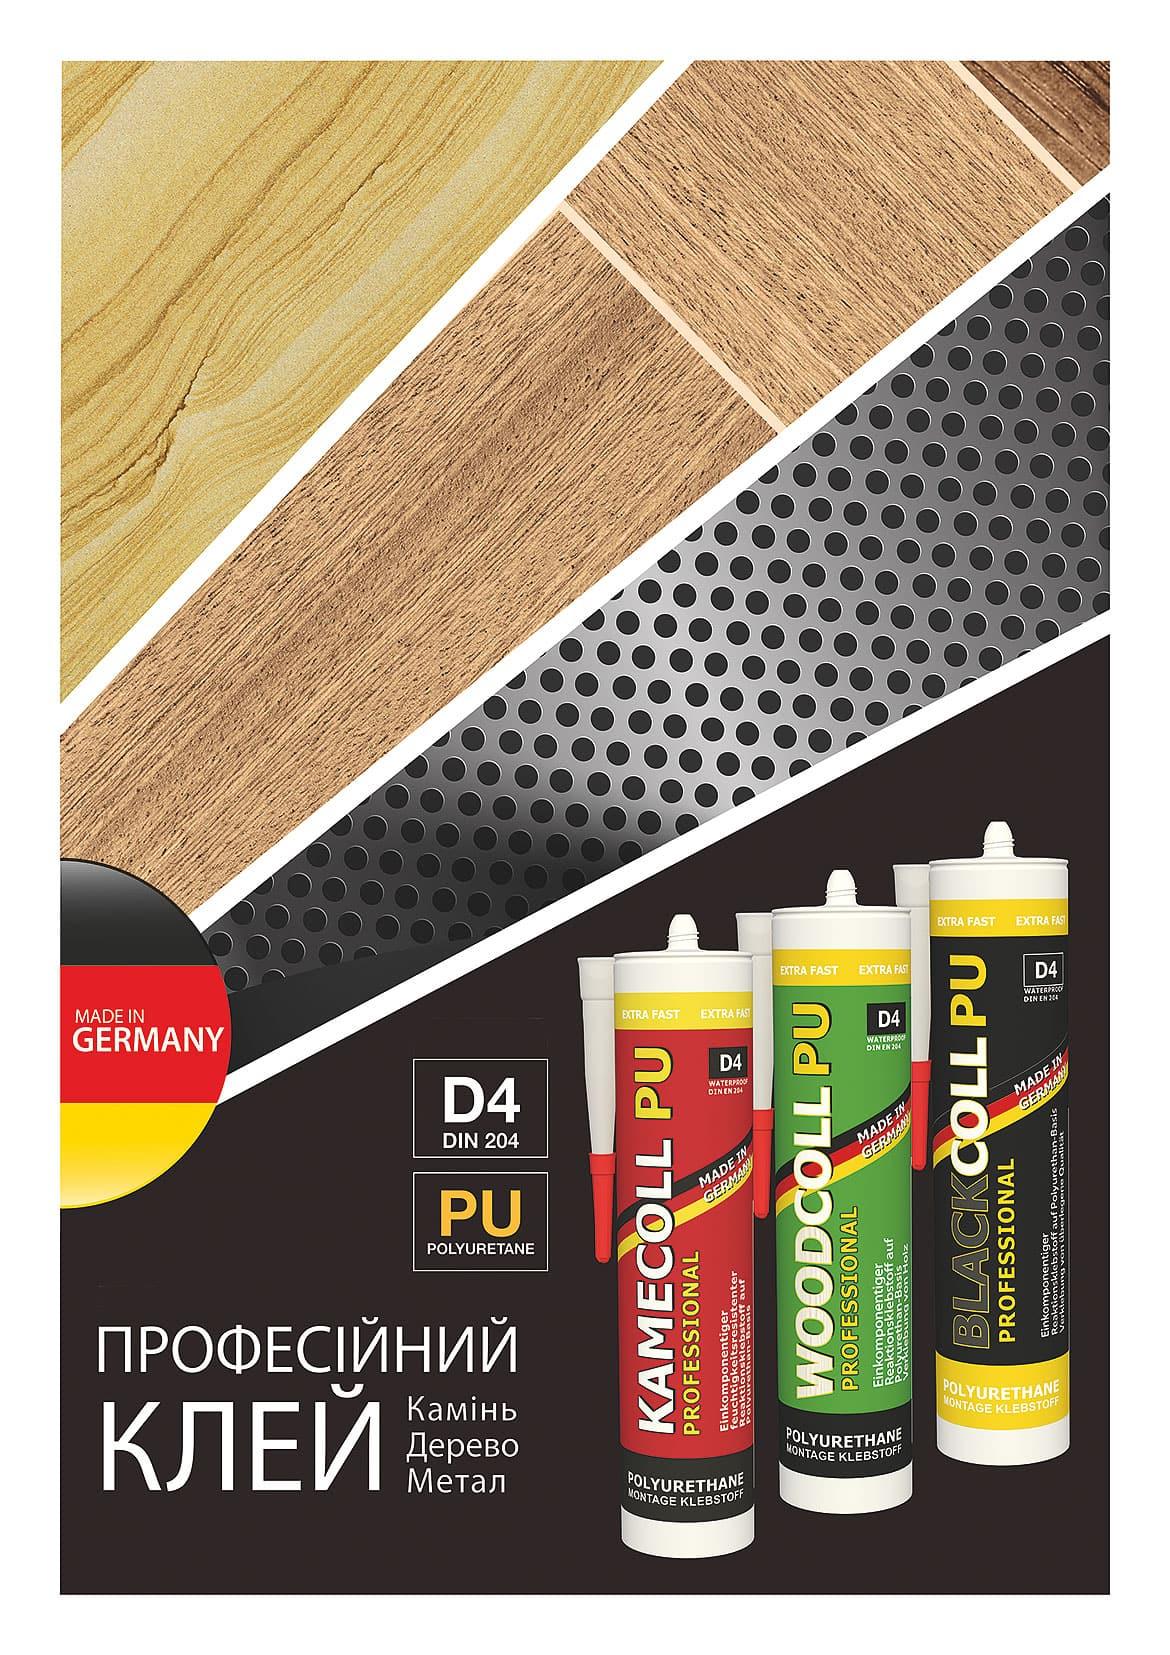 kamecoll® PU ₴394.00 за 1 літр Однокомпонентний влагостійкий реакційний клей на основі поліуретану